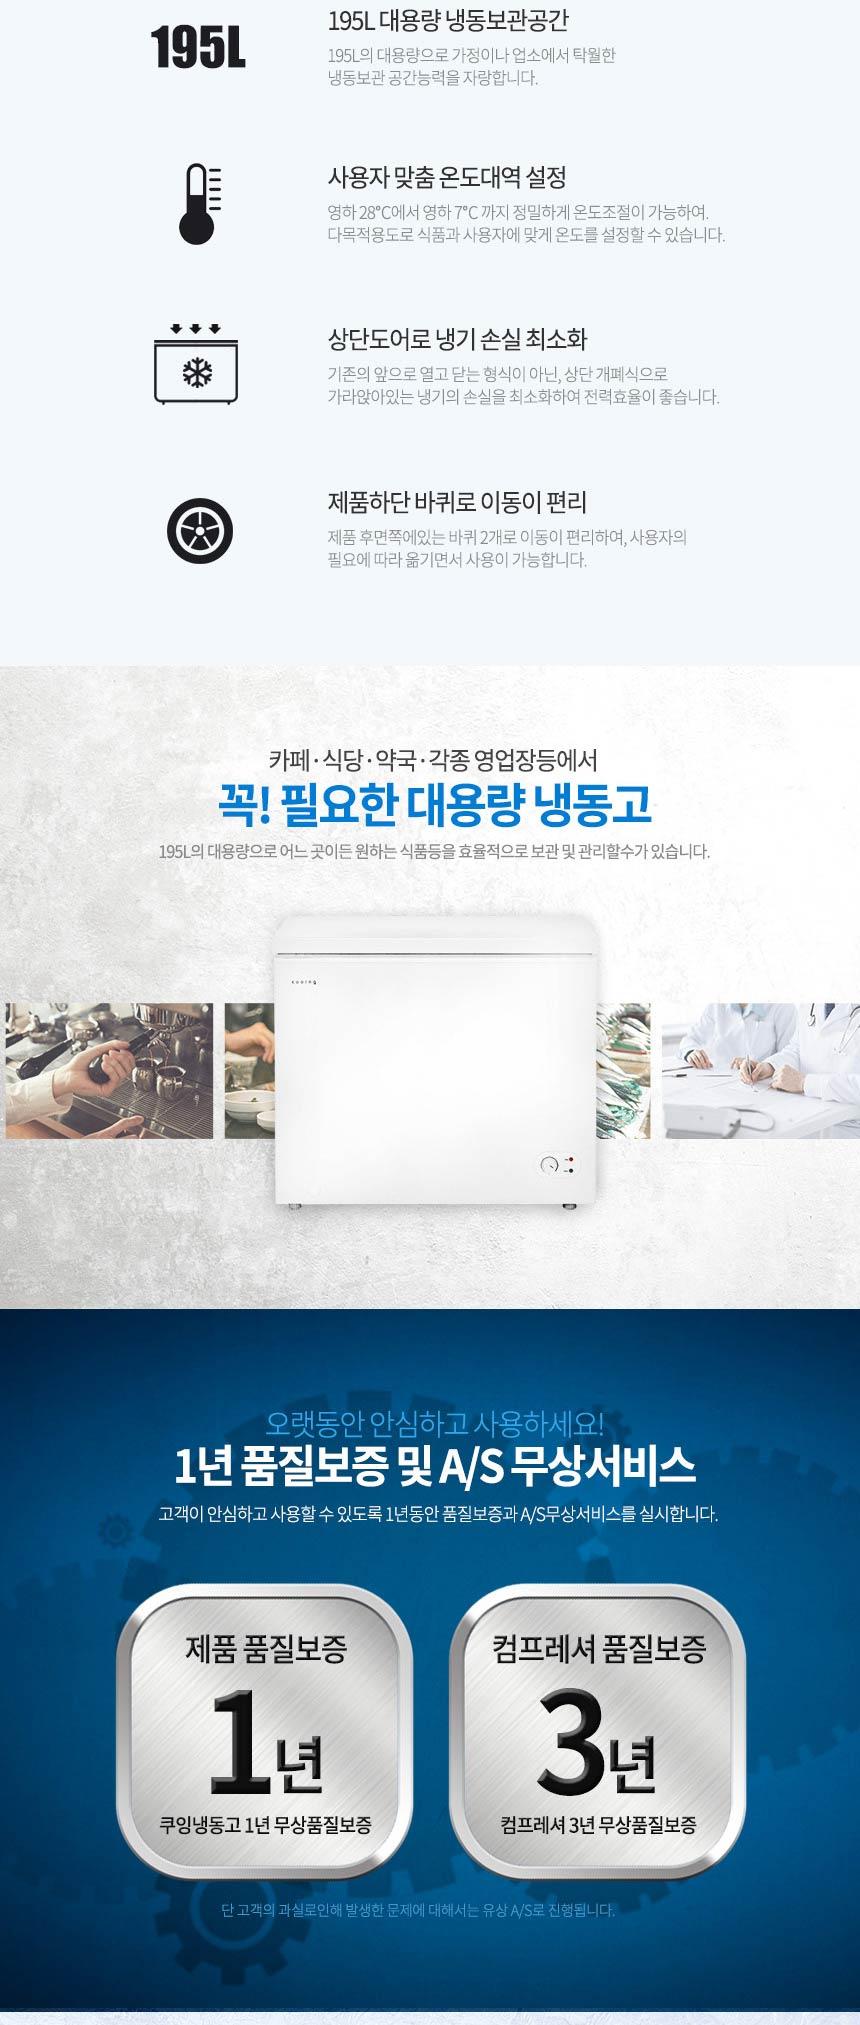 상세페이지2, 화이트, 심플, 디자인, 대용량 냉동보관공간, 1년품질보증 및 A/S 무상서비스